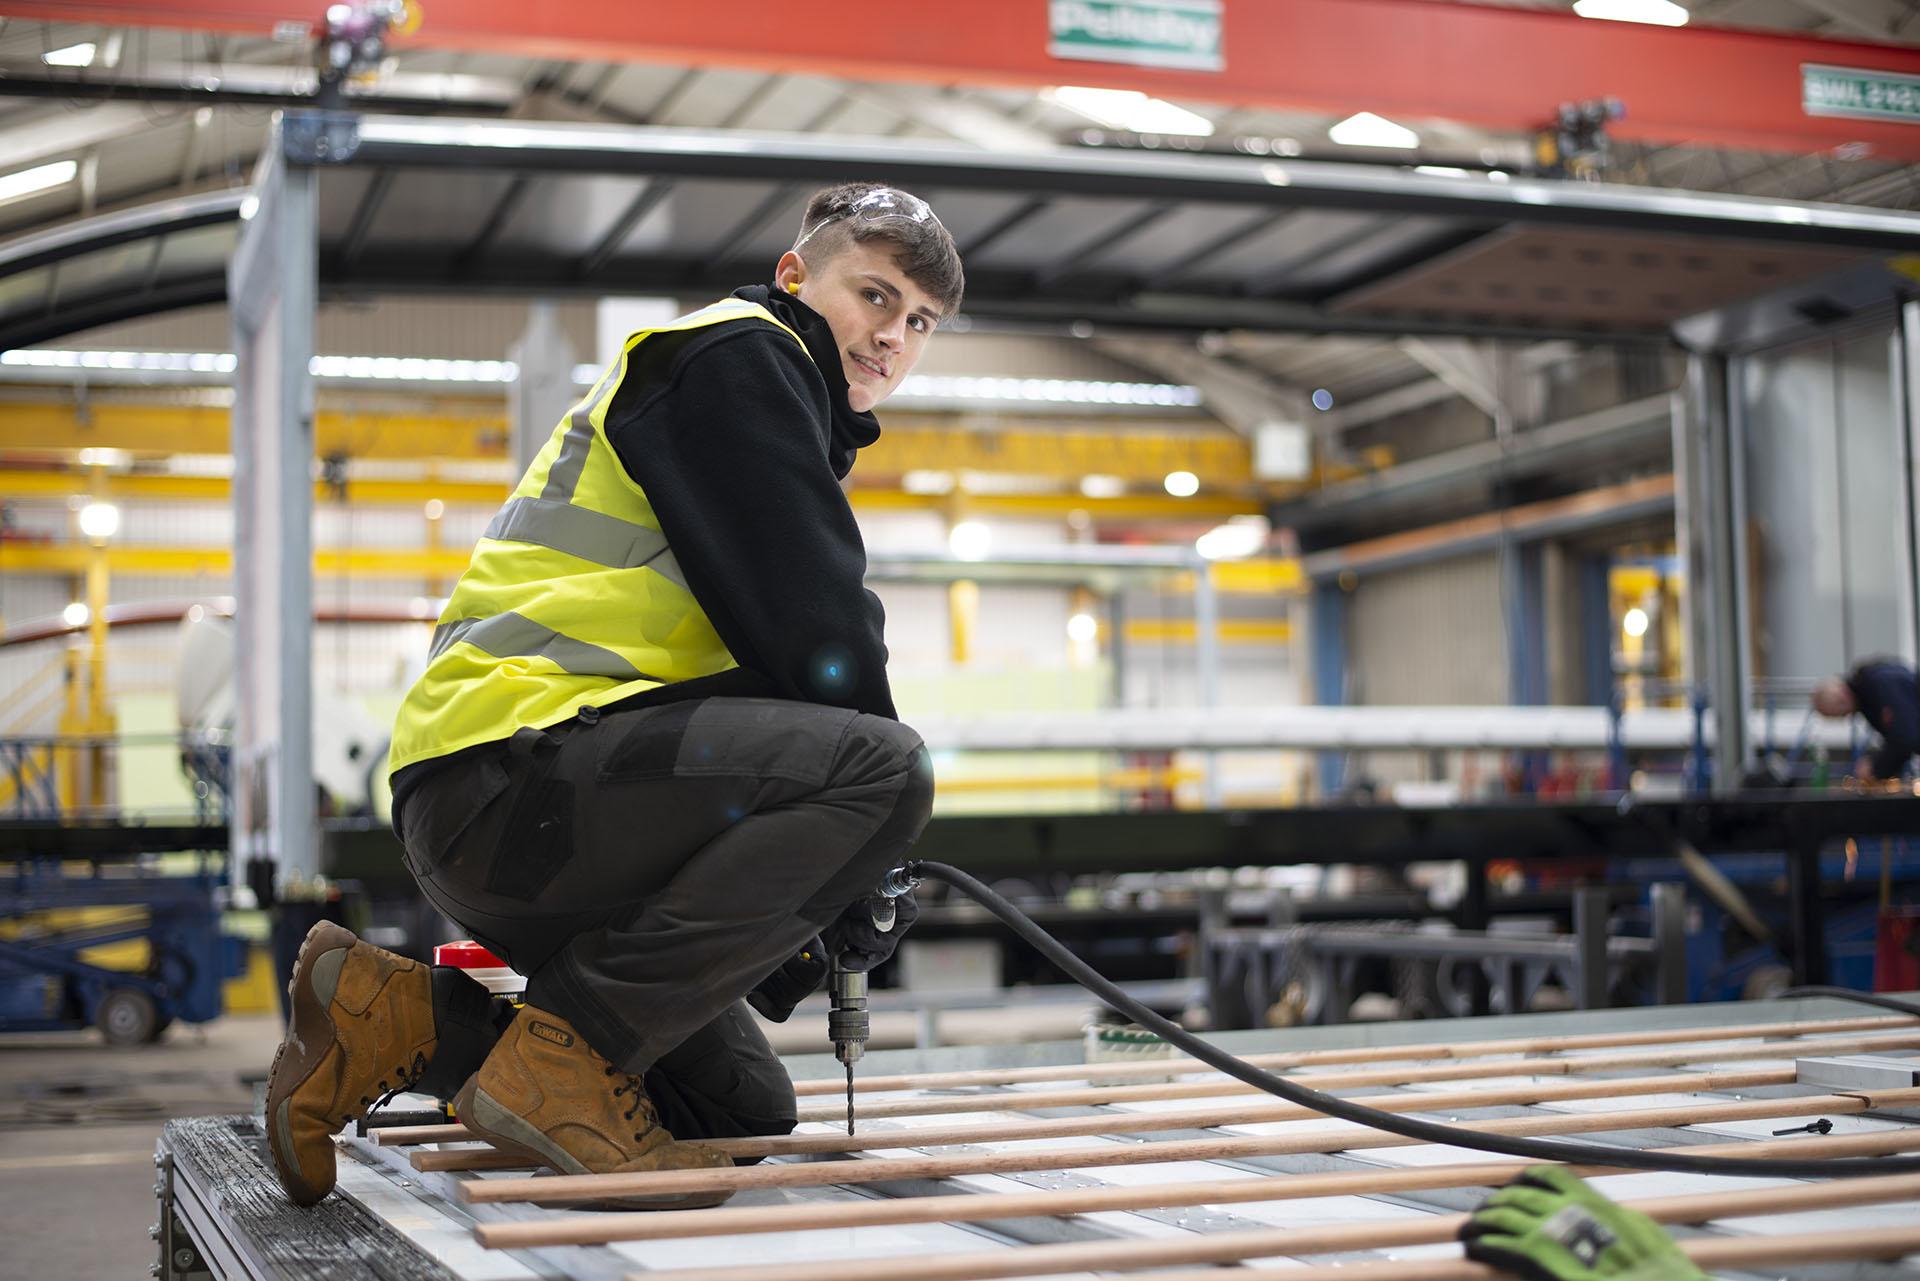 Don-Bur and North Staffs Engineering Group Develop Apprenticeship Scheme